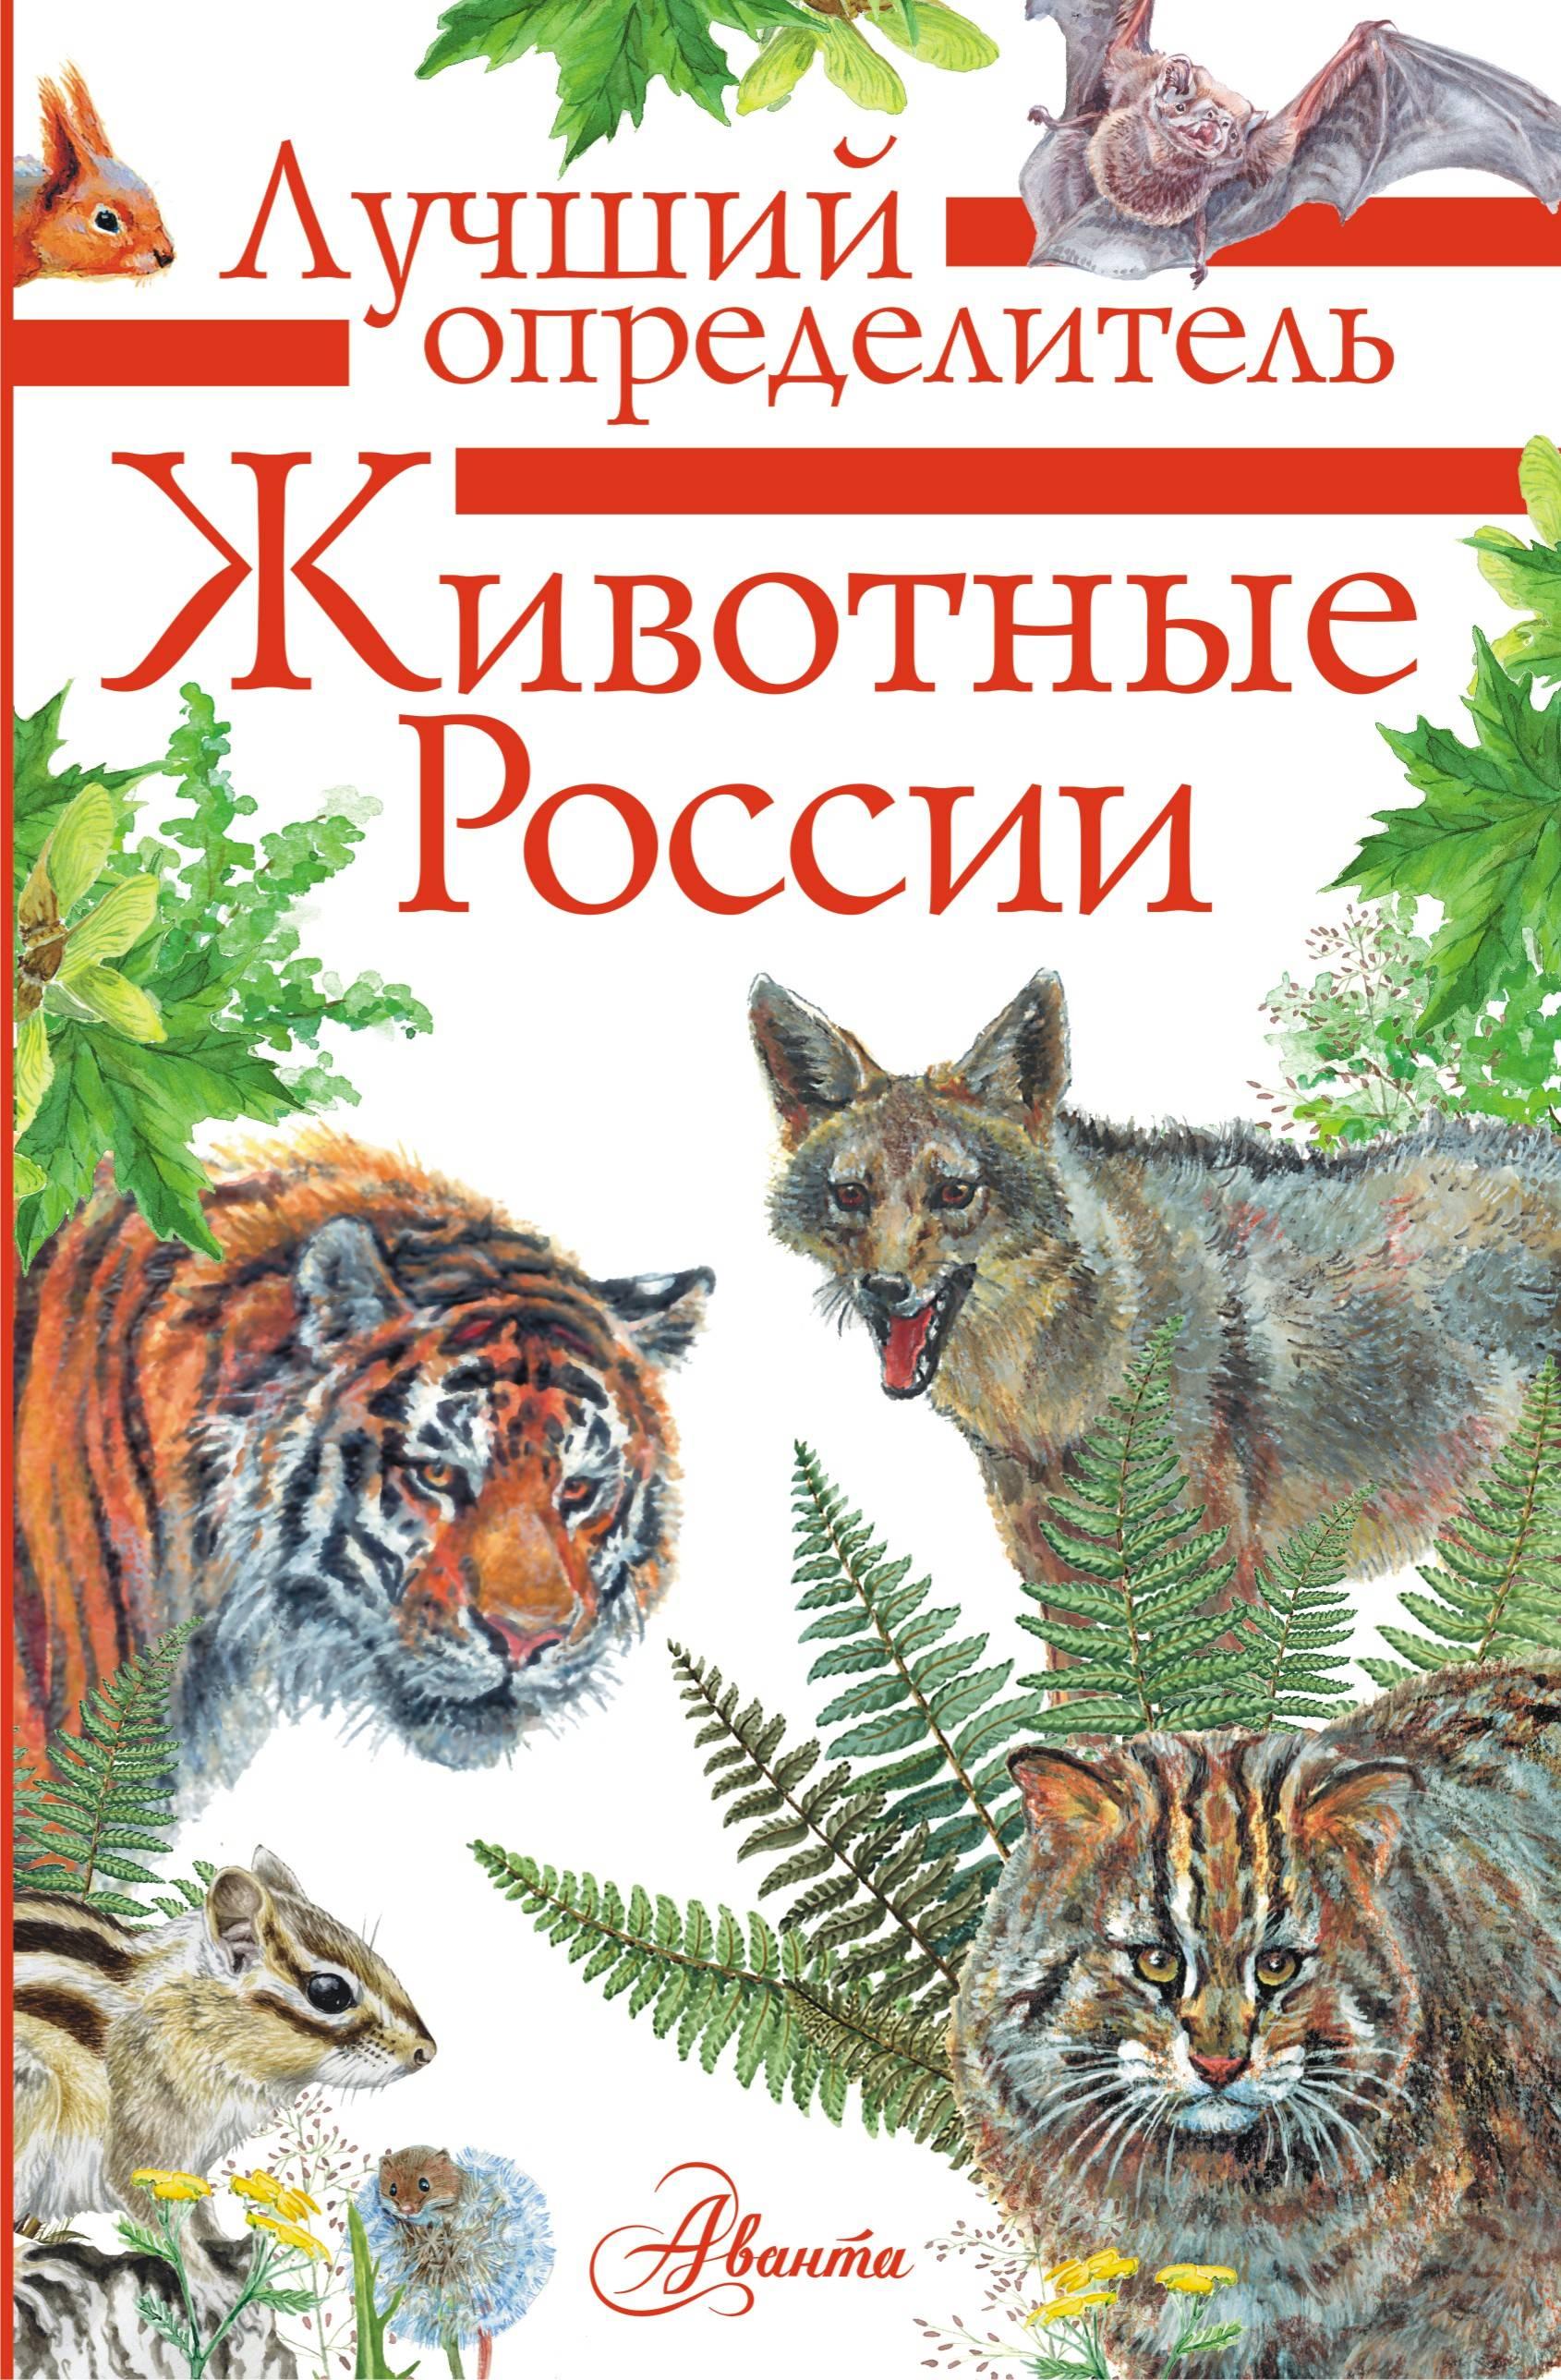 Zhivotnye Rossii. Opredelitel